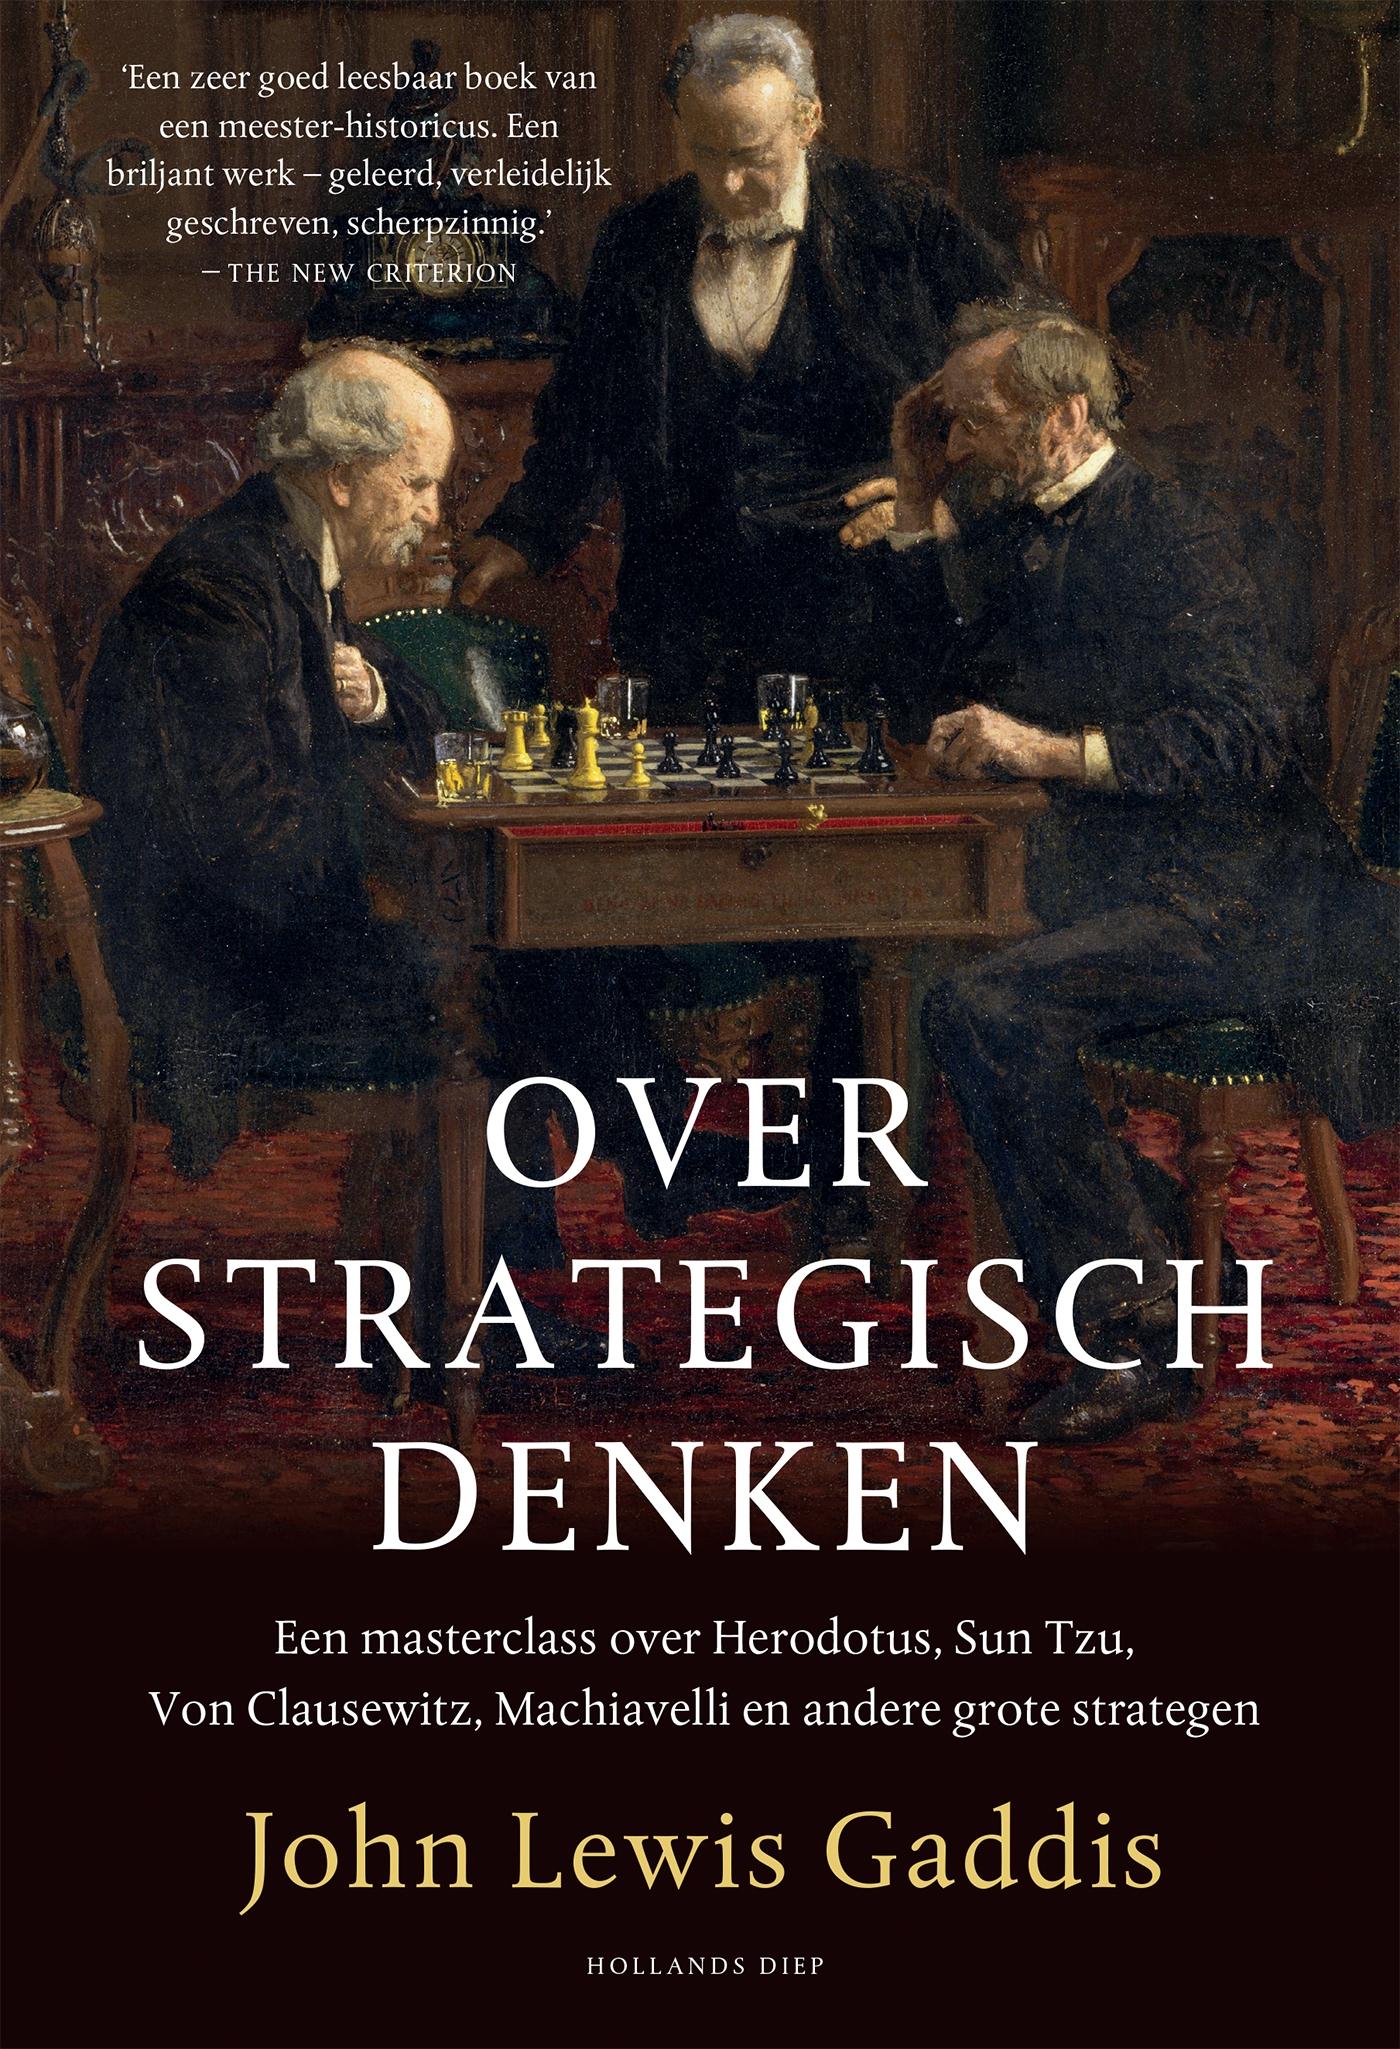 Over strategisch denken